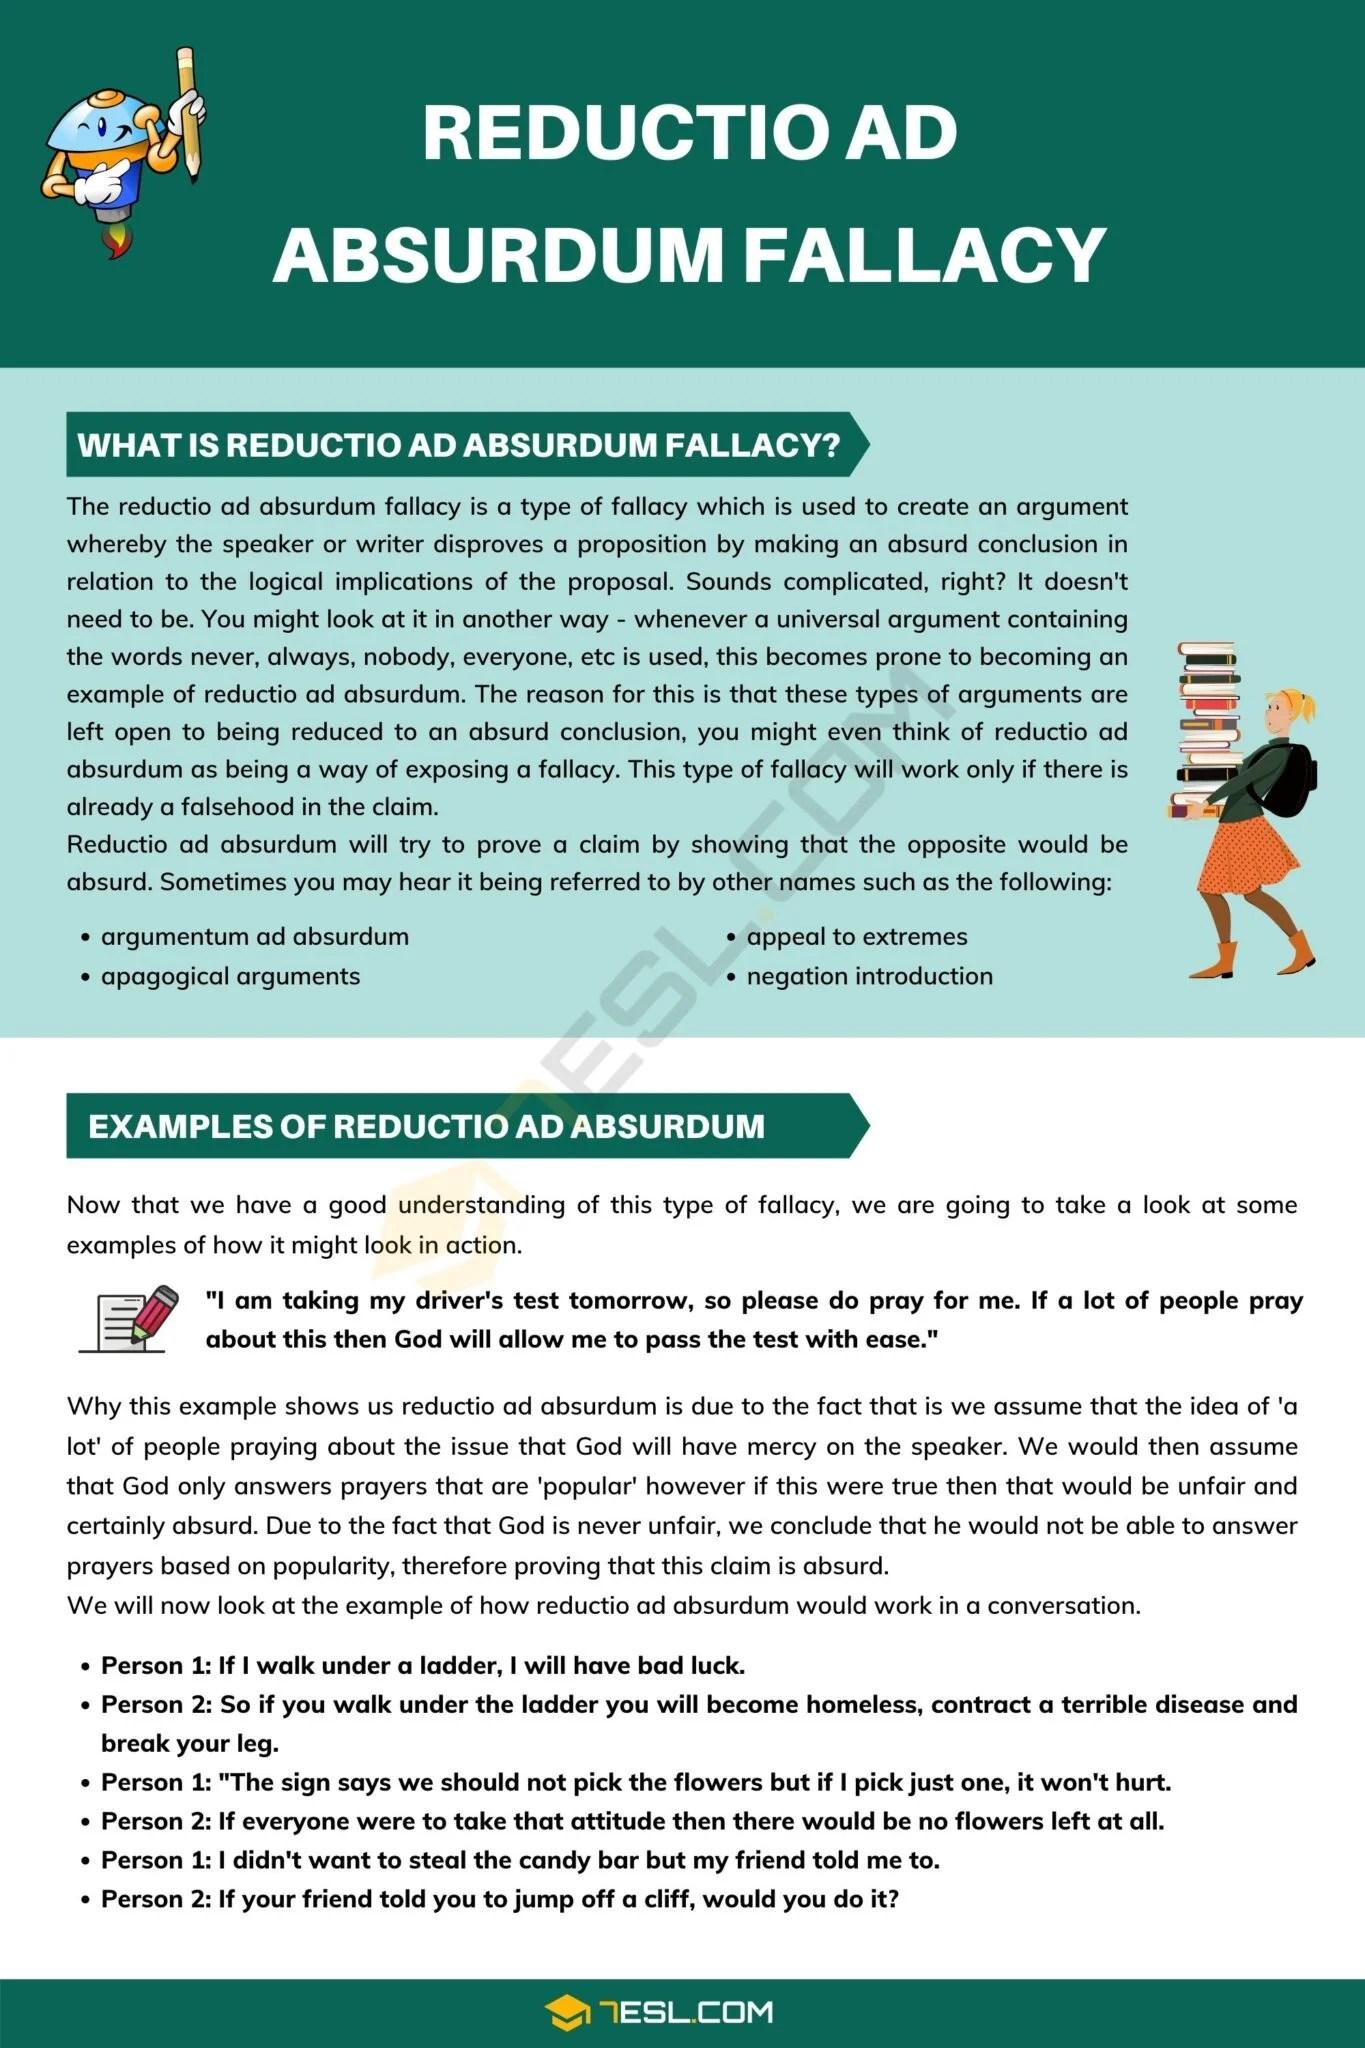 Reductio Ad Absurdum: Definition & Examples Of Reductio Ad Absurdum Fallacy - 7 E S L